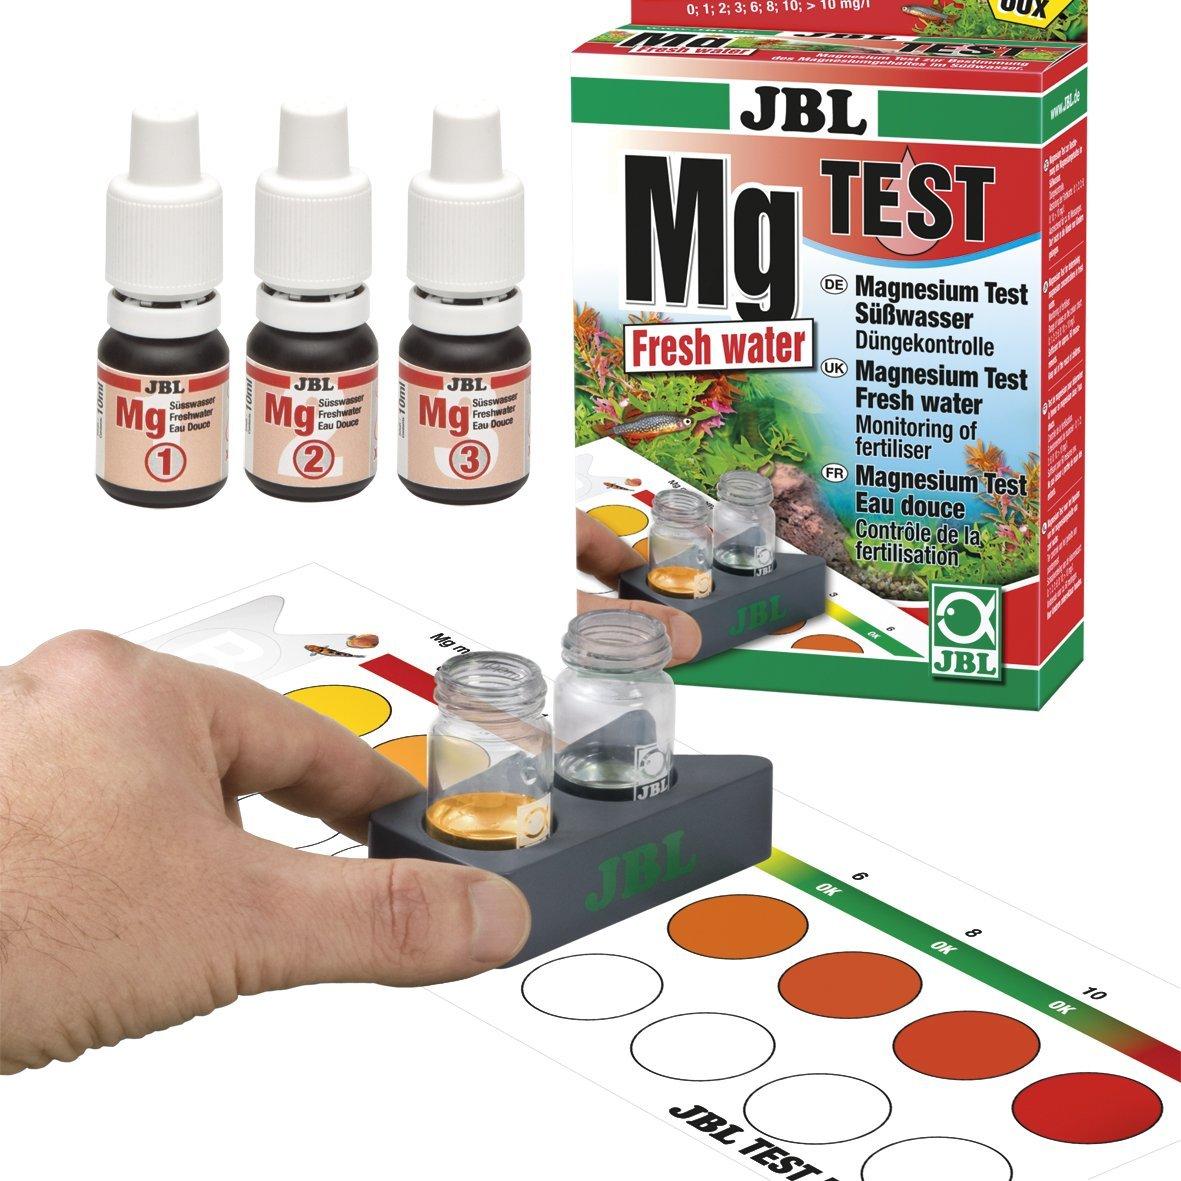 JBL suprimir para la determinación de la Contenido de magnesio en acuarios de agua dulce, Magnesio Mg Kit Test agua dulce, 25414: Amazon.es: Productos para ...